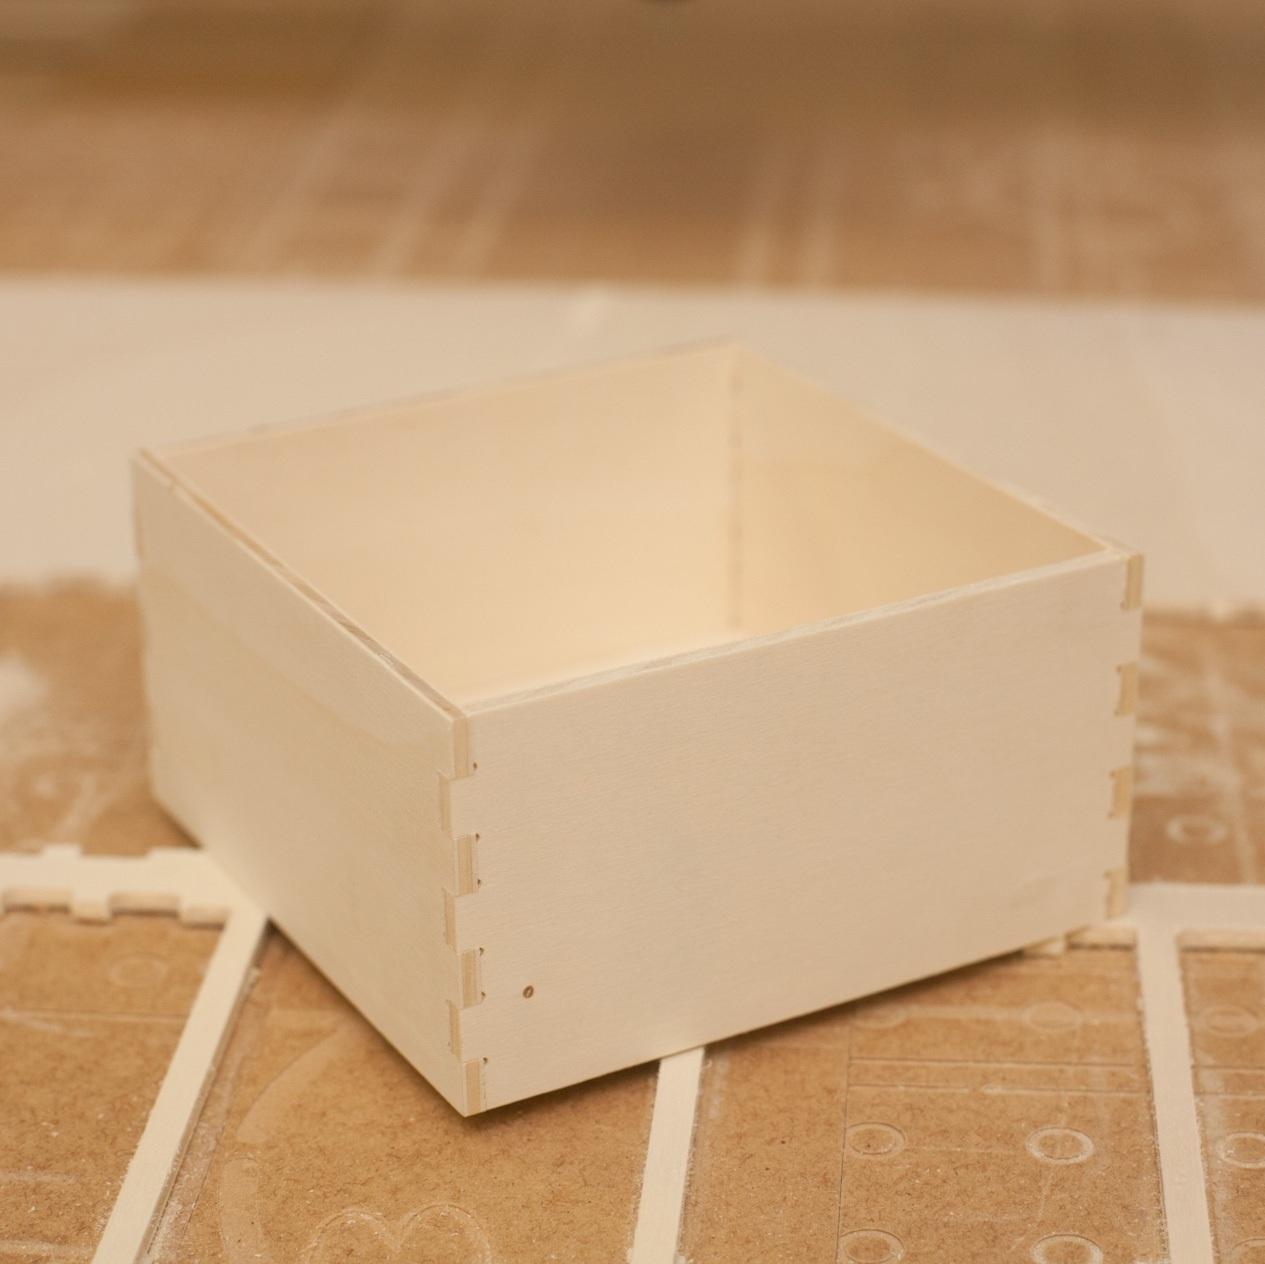 kleine aufbewahrungskisten eigenbaukombinat. Black Bedroom Furniture Sets. Home Design Ideas